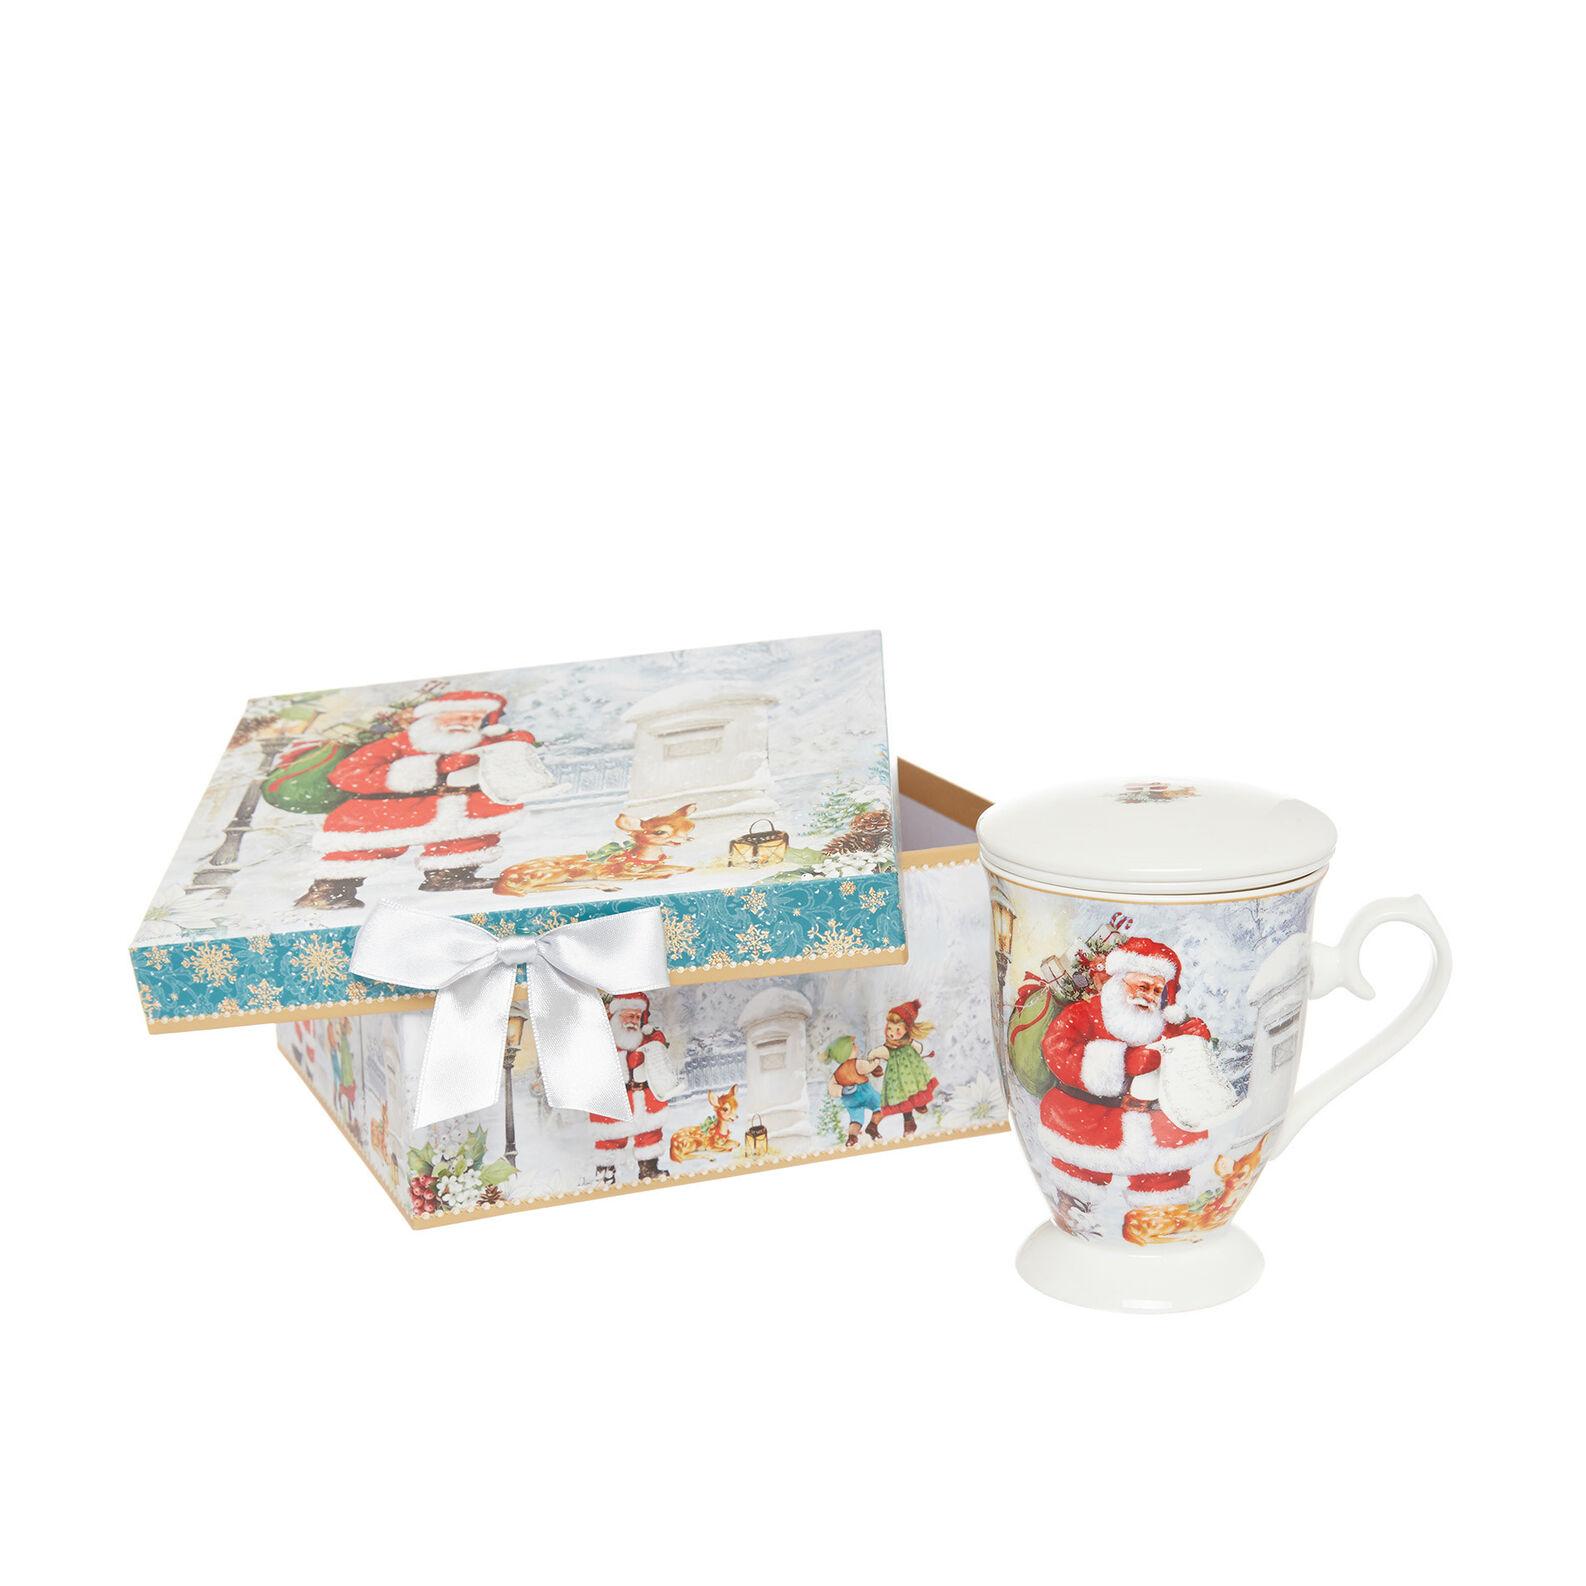 Porcelain infuser cup with vintage motif